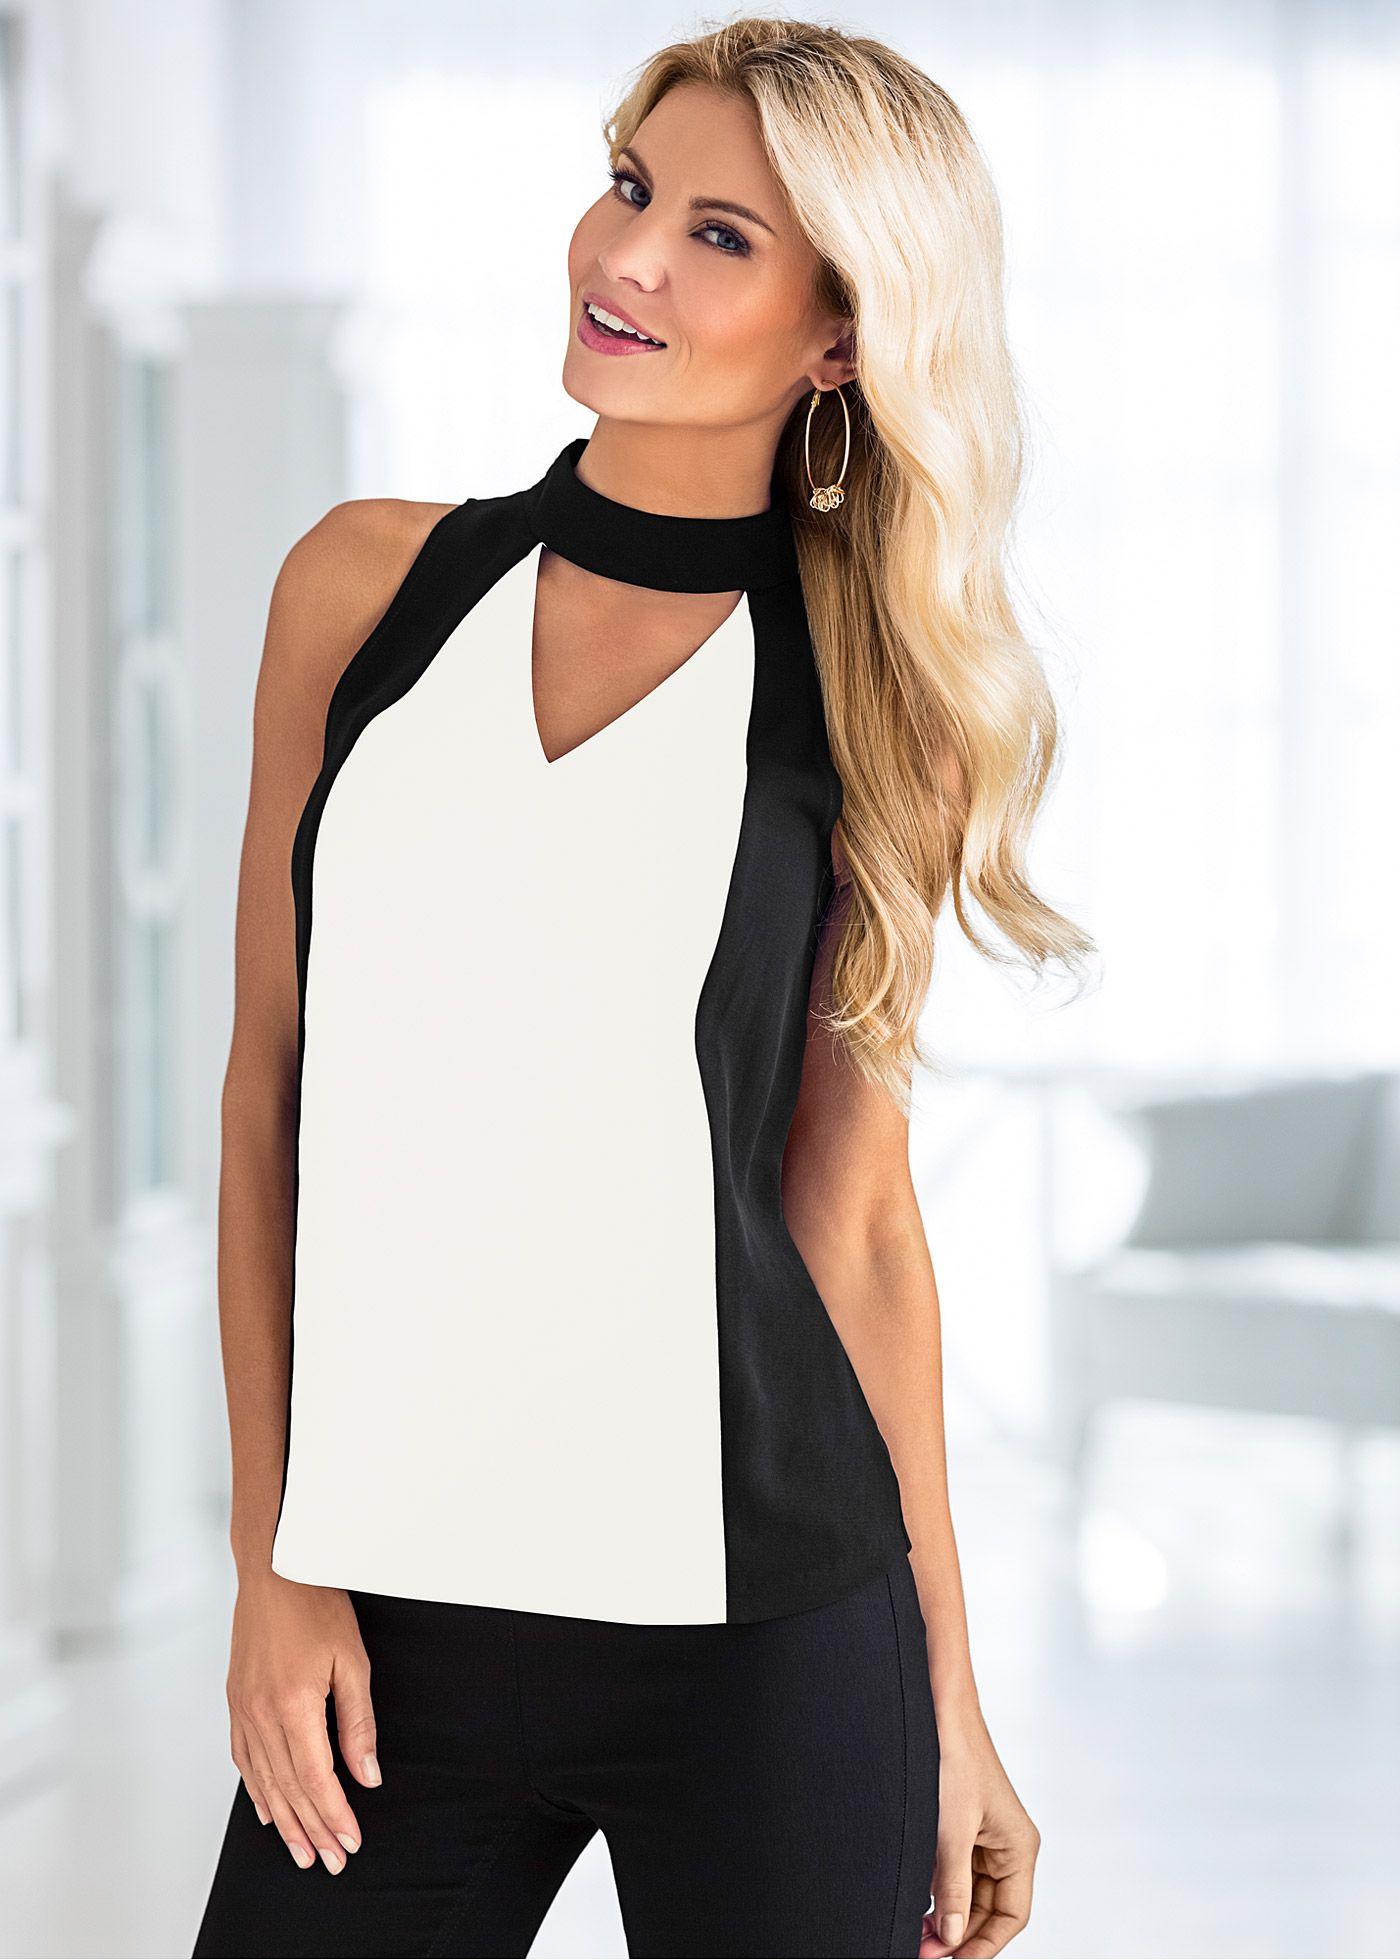 c8baea8ee0 Blusa decote V preto branco encomendar agora na loja on-line bonprix ...